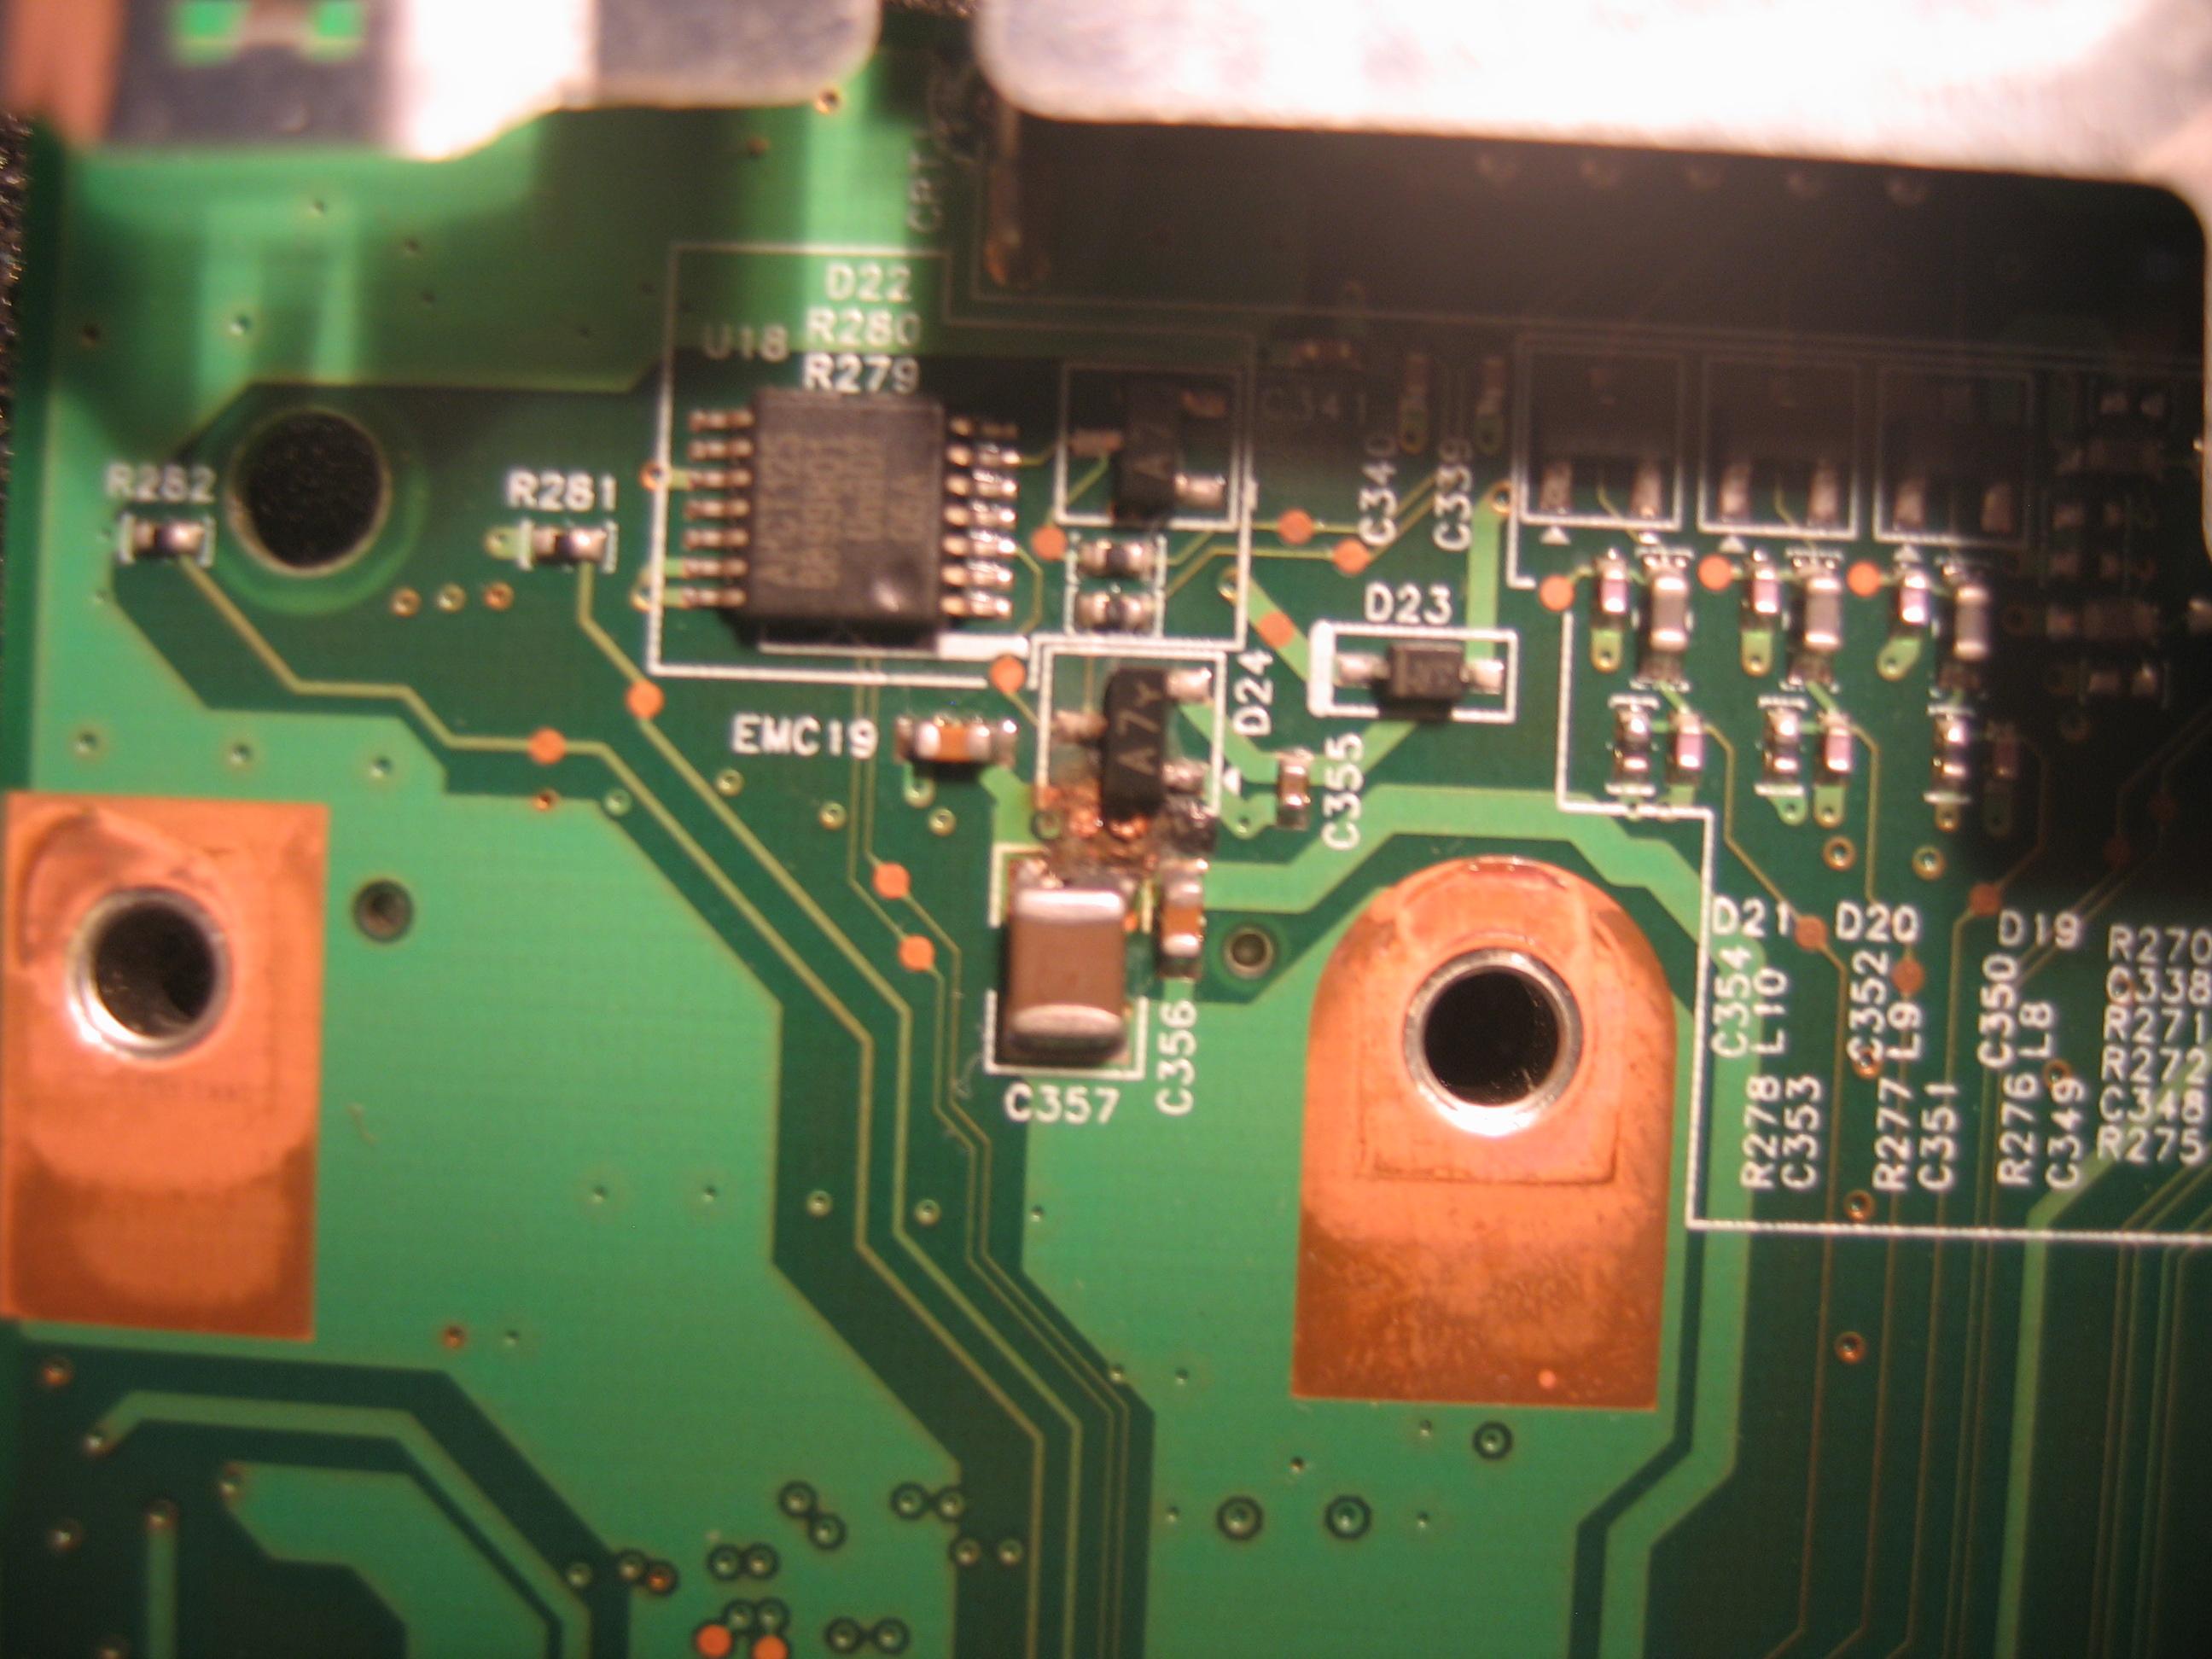 FS Amilo Li 1718 model: MS2212 Brak pod�wietlenia matrycy, potrzebny schemat, zd